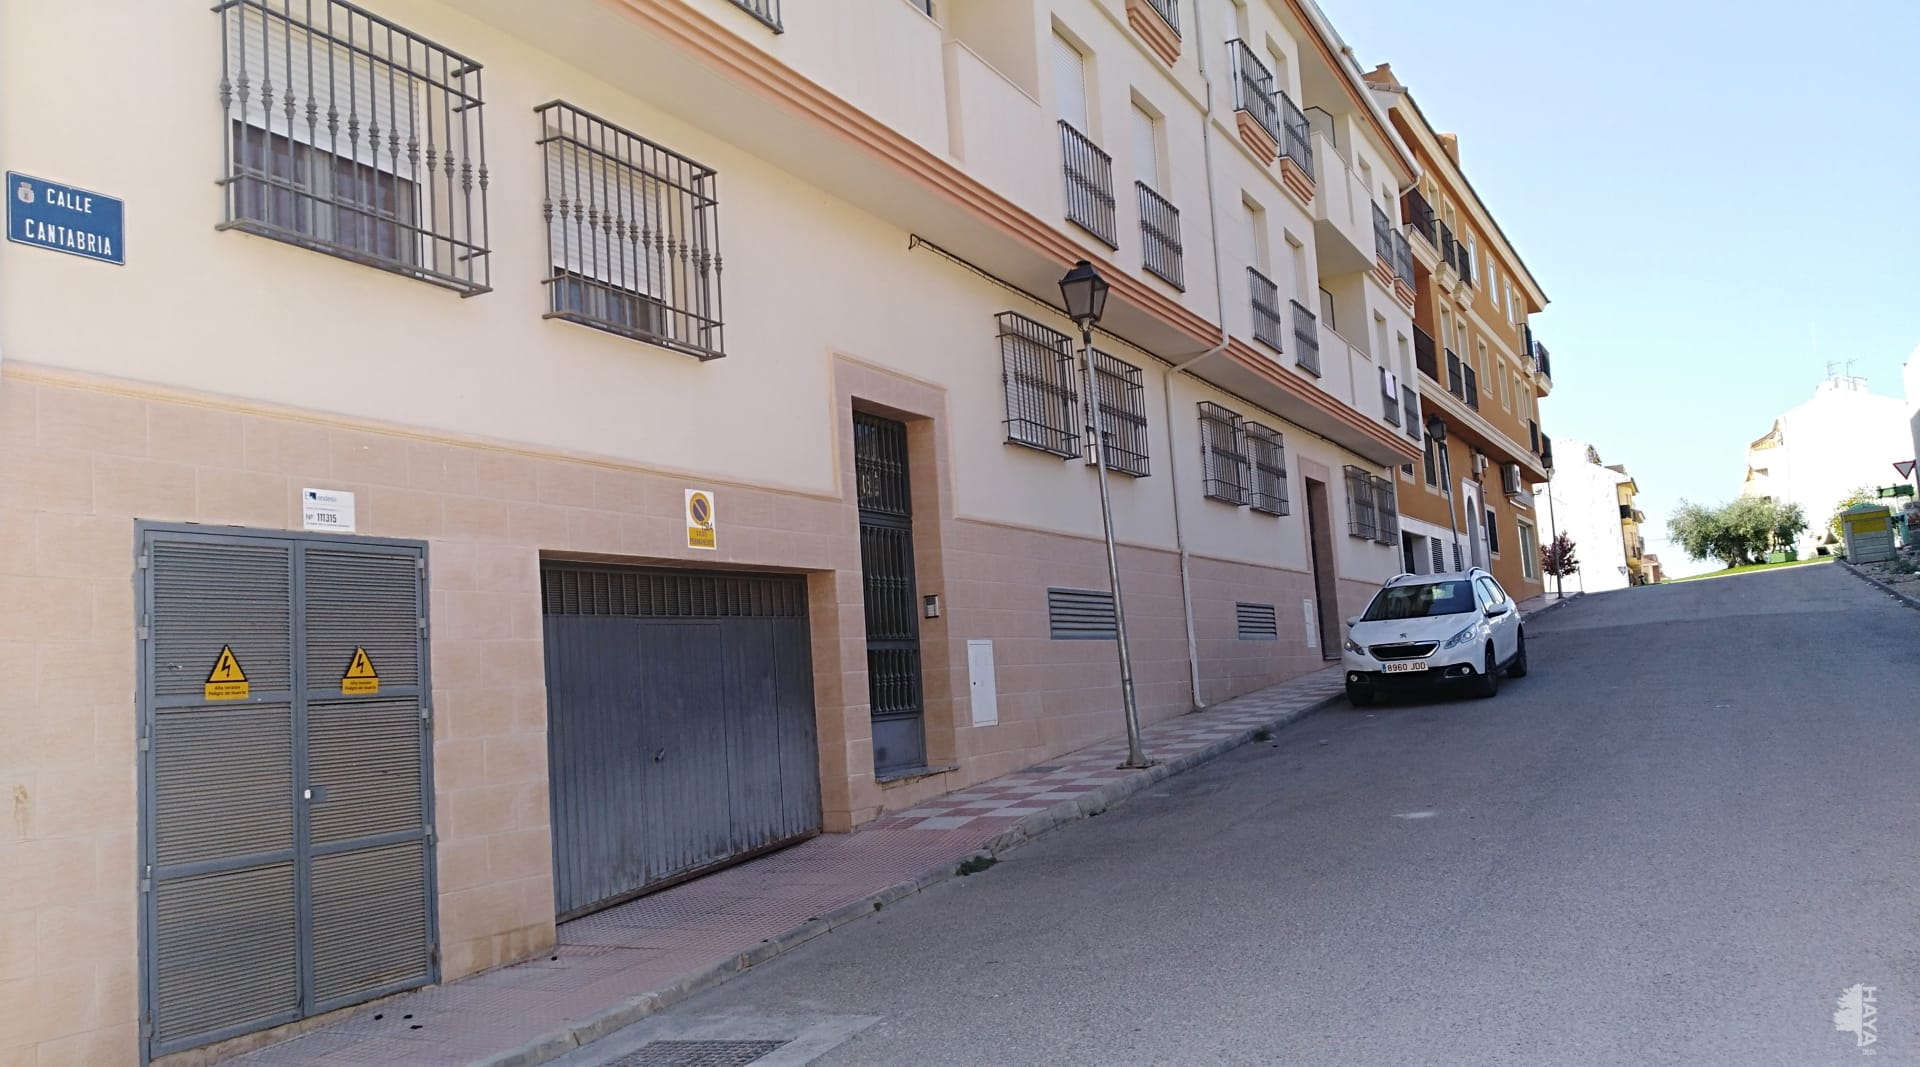 Piso en venta en Mancha Real, Jaén, Calle Cantabria, 68.659 €, 2 habitaciones, 6 baños, 96 m2